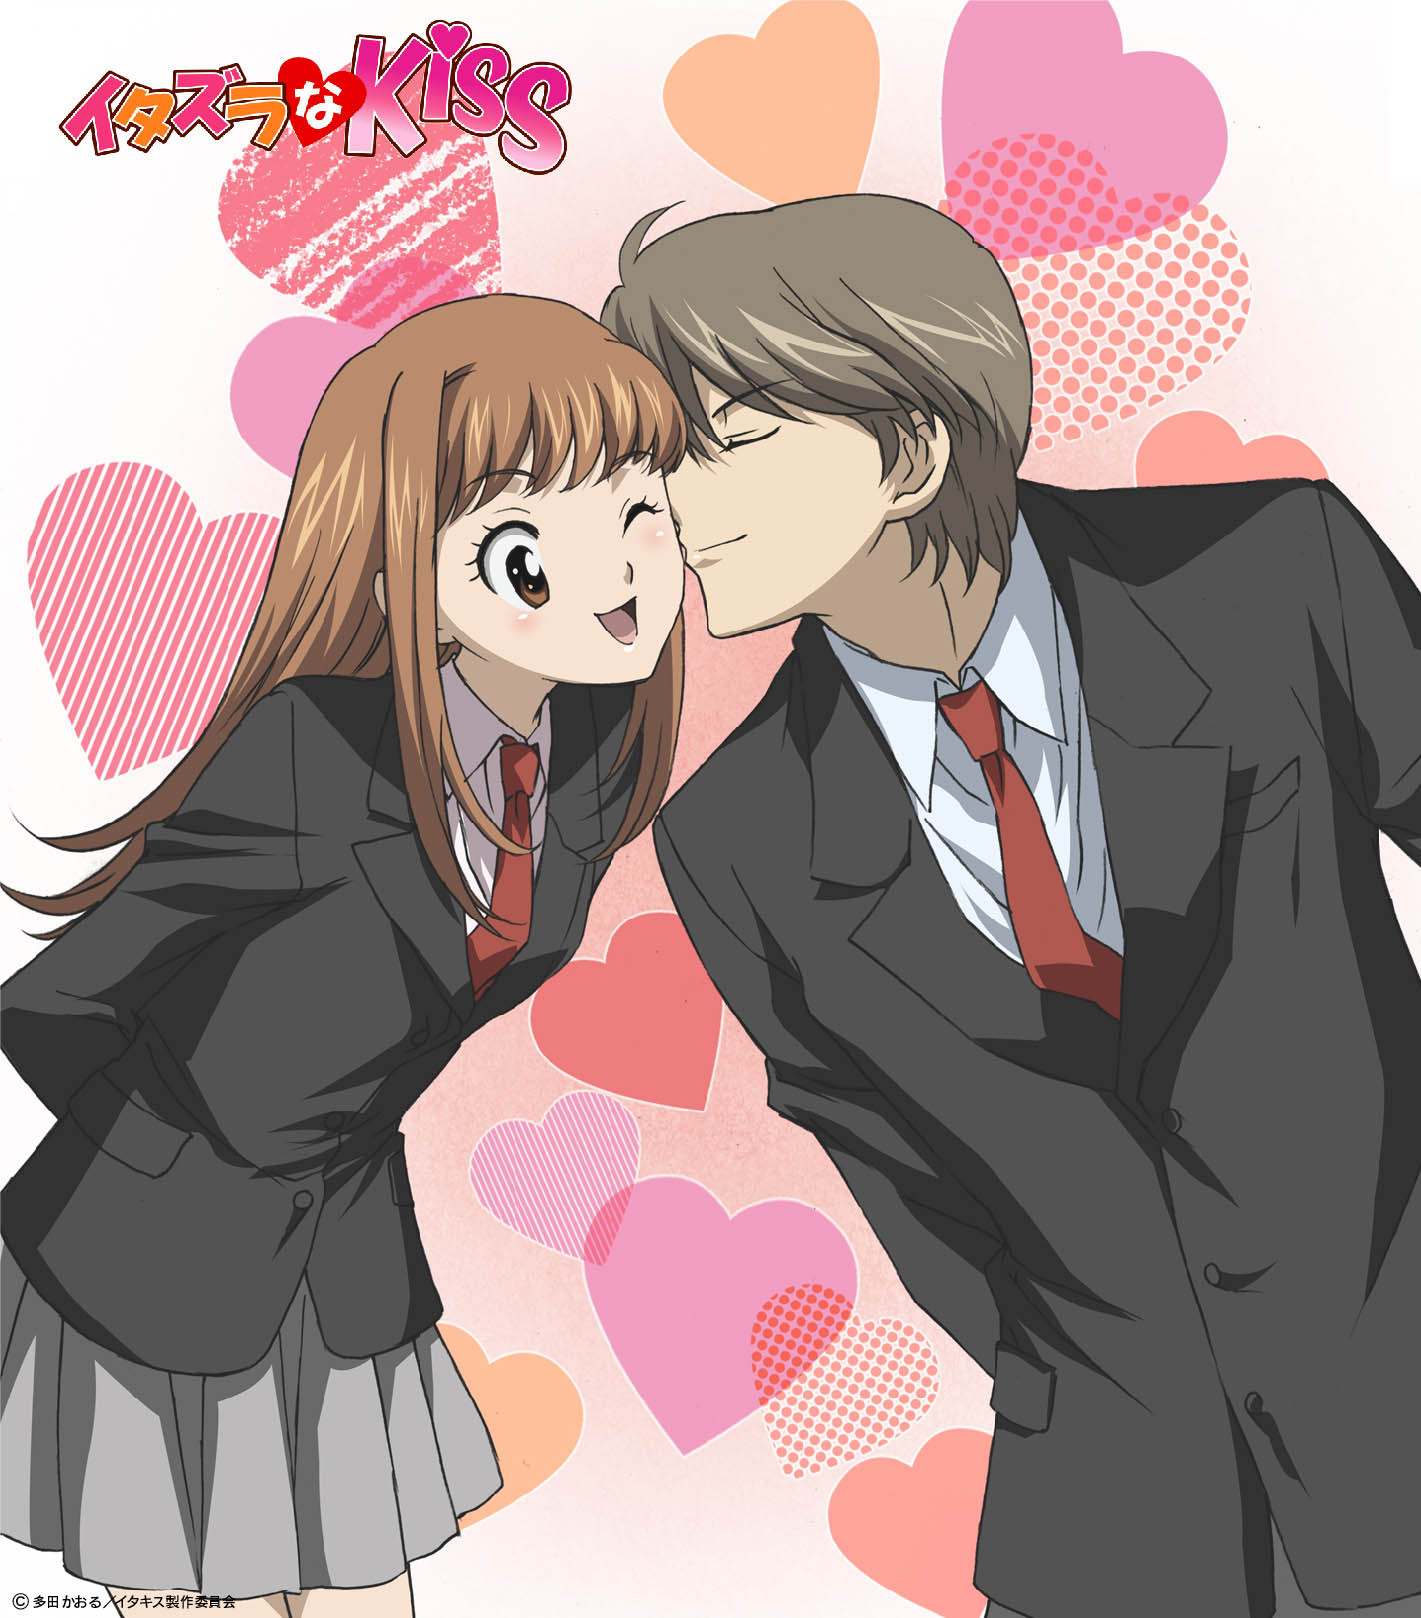 Смотреть онлайн аниме озорной поцелуй 5 фотография